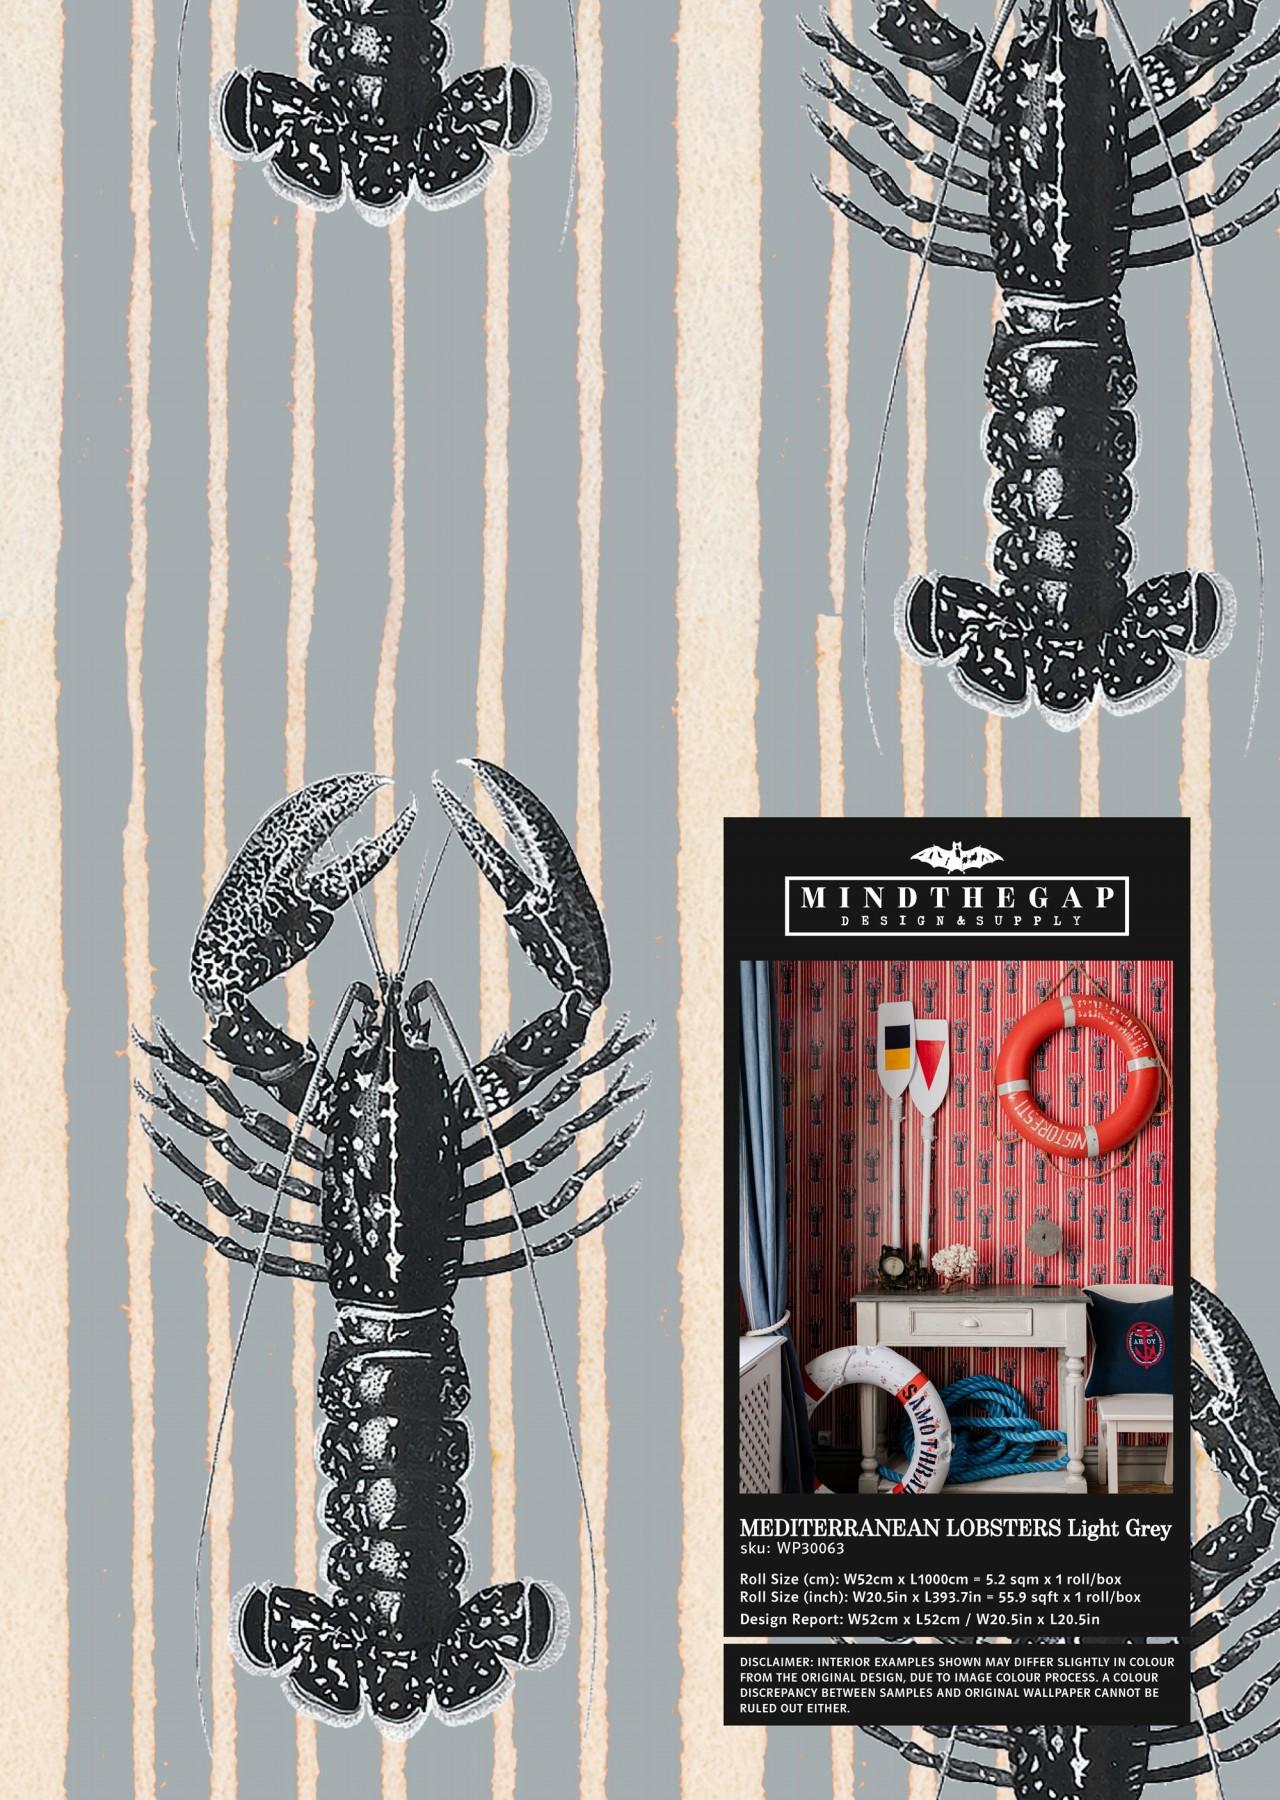 MEDITERRANEAN LOBSTERS Light Grey Wallpaper Sample